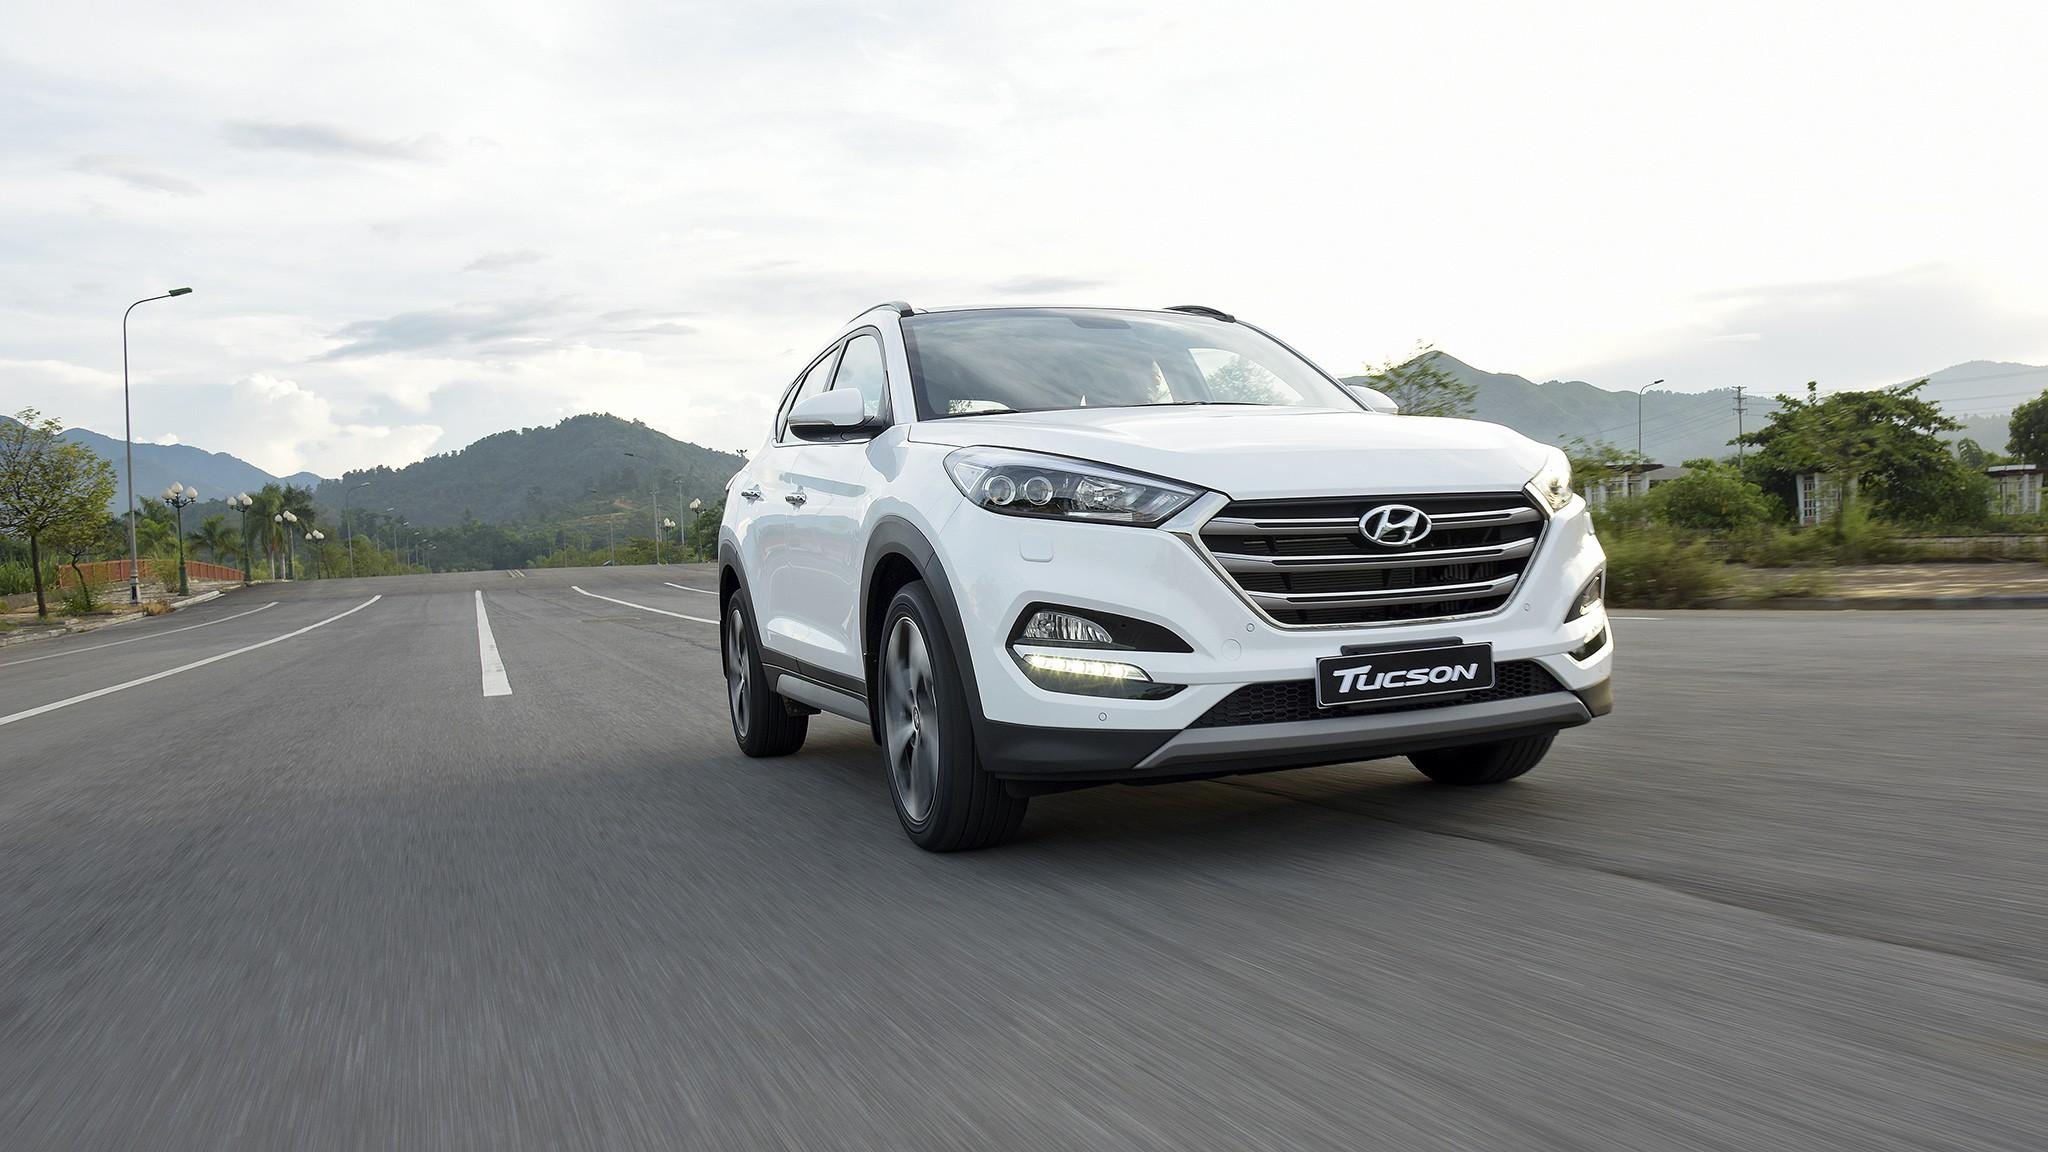 Xe++ - Hyundai Tucson 2017 liệu 'có cửa' với Honda CR-V và Mazda CX-5? (Hình 14).